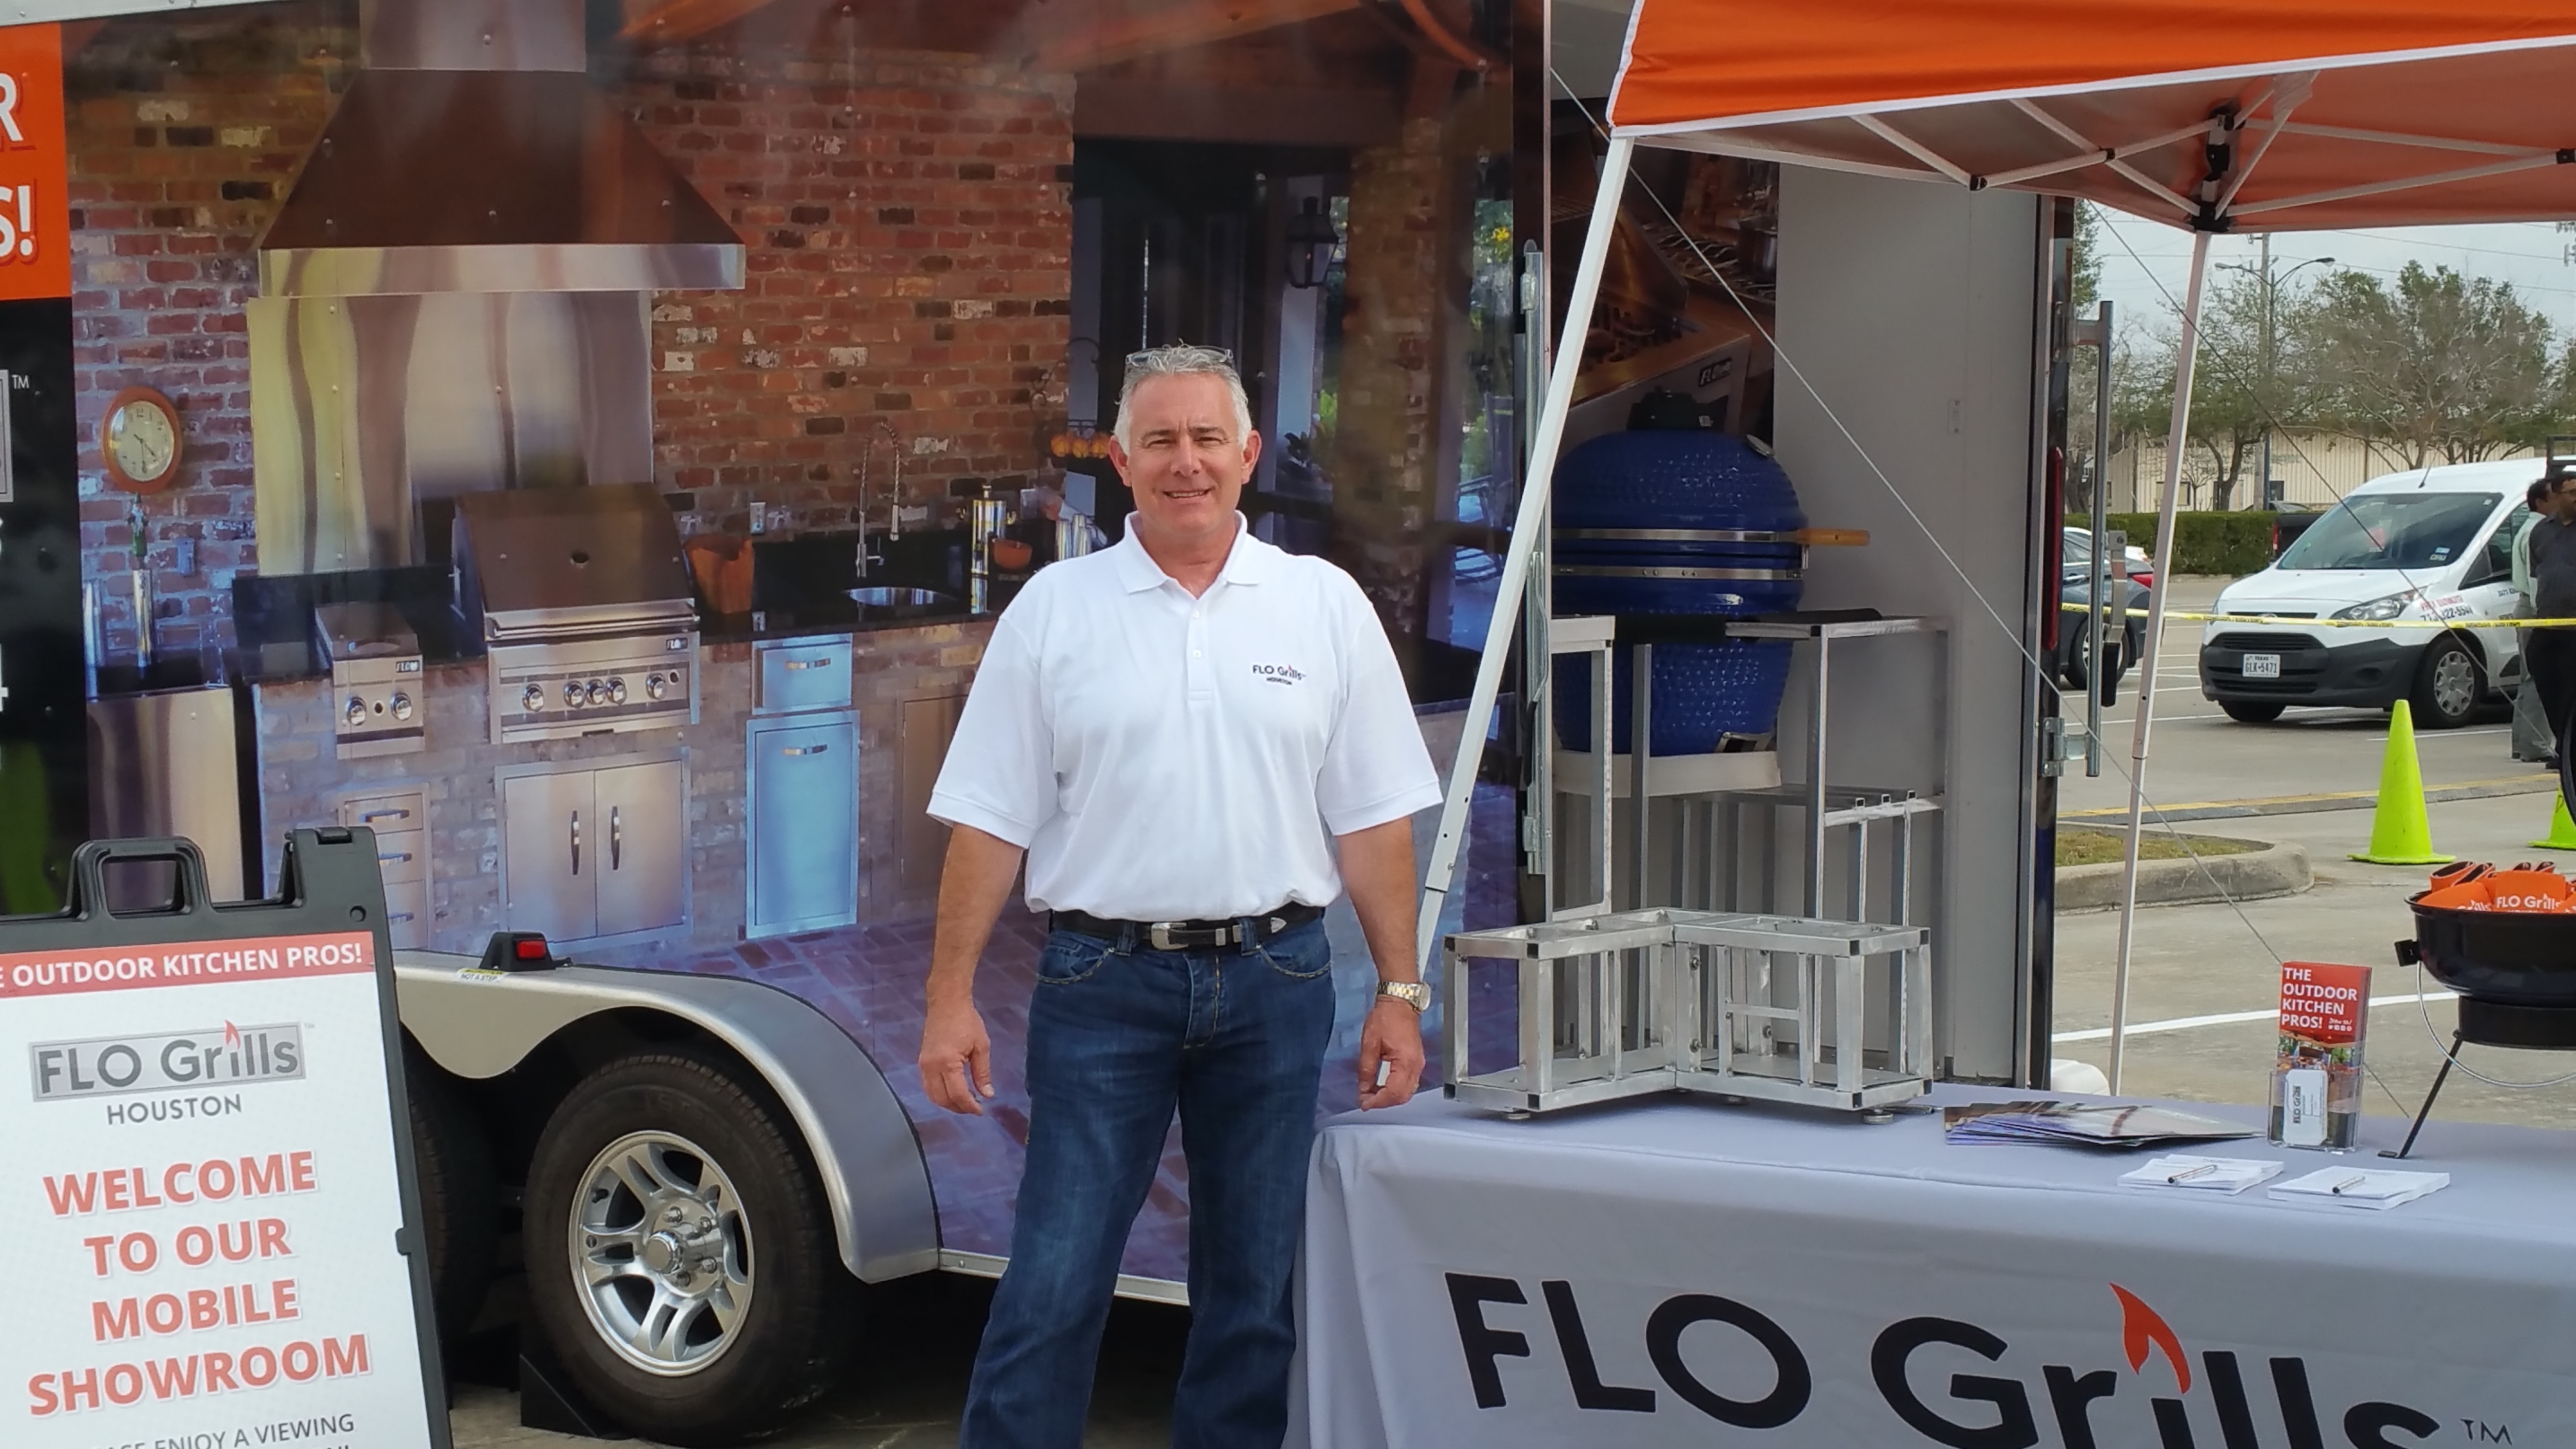 FLO Grills Houston Outdoor Kitchens